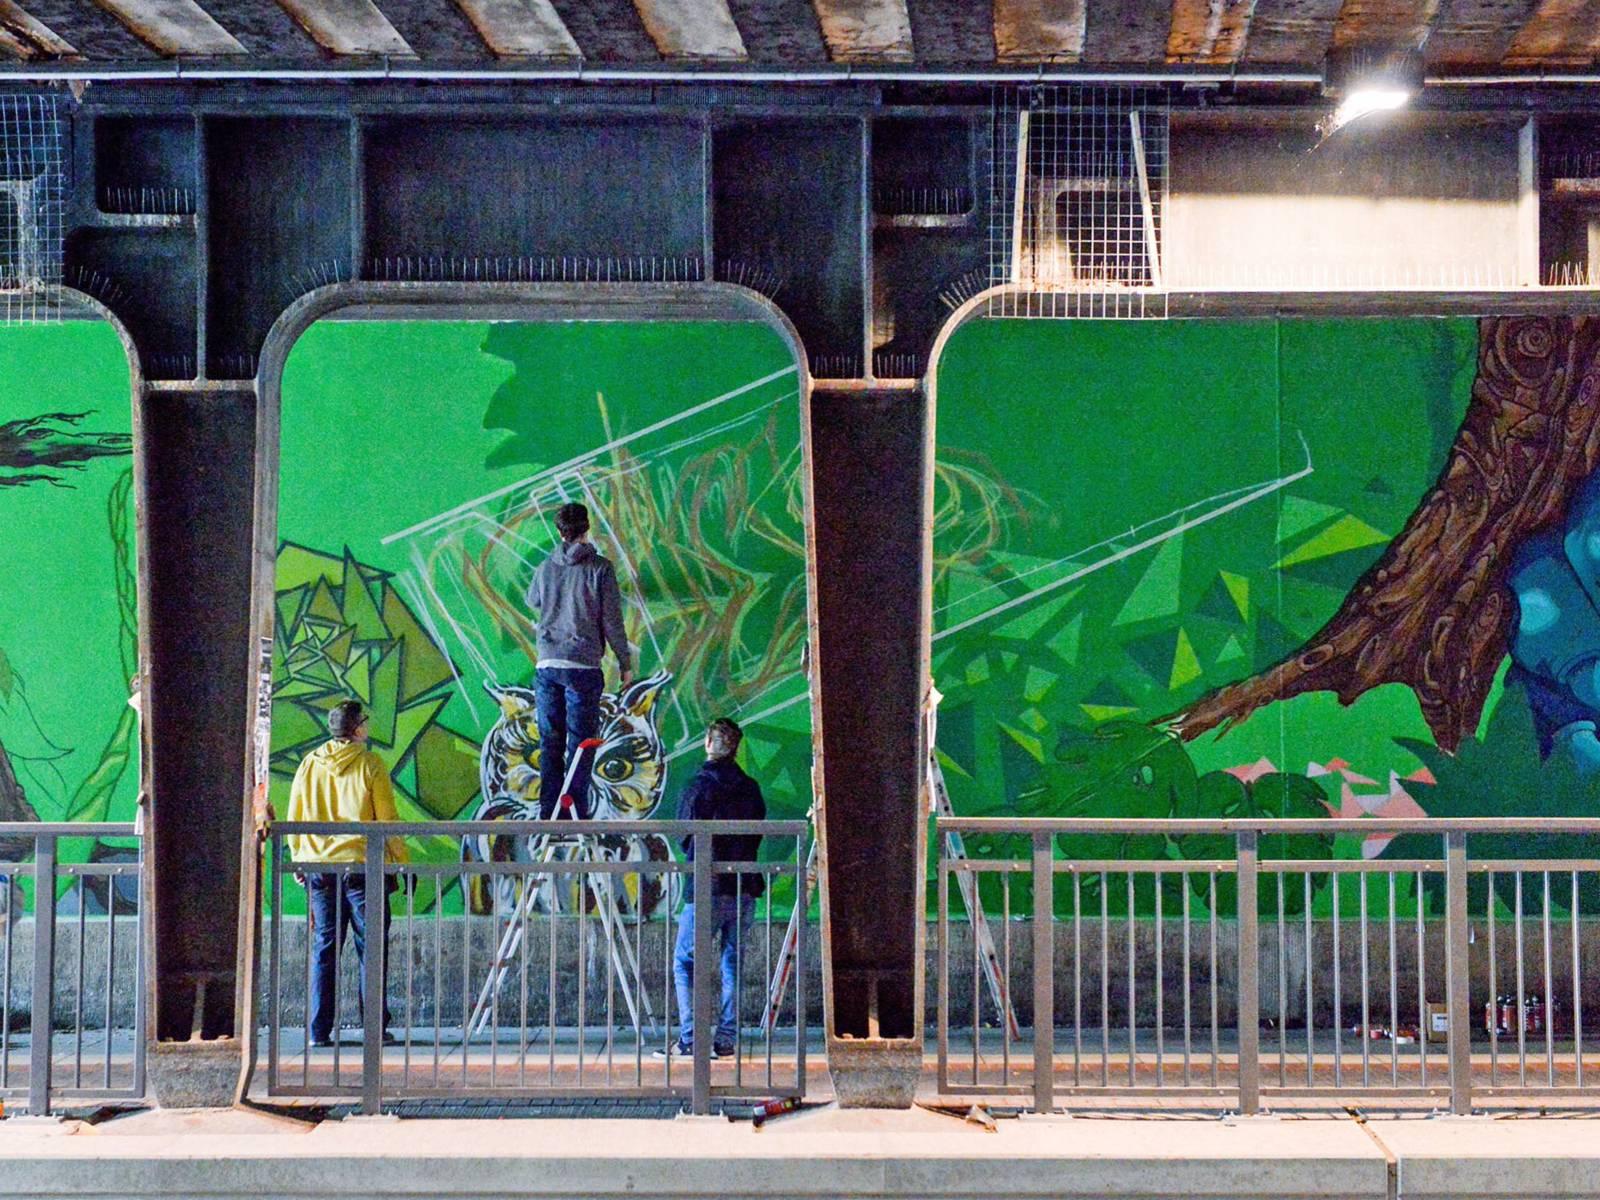 Drei Menschen die ein Graffiti an die Wand einer Unterführung malen.